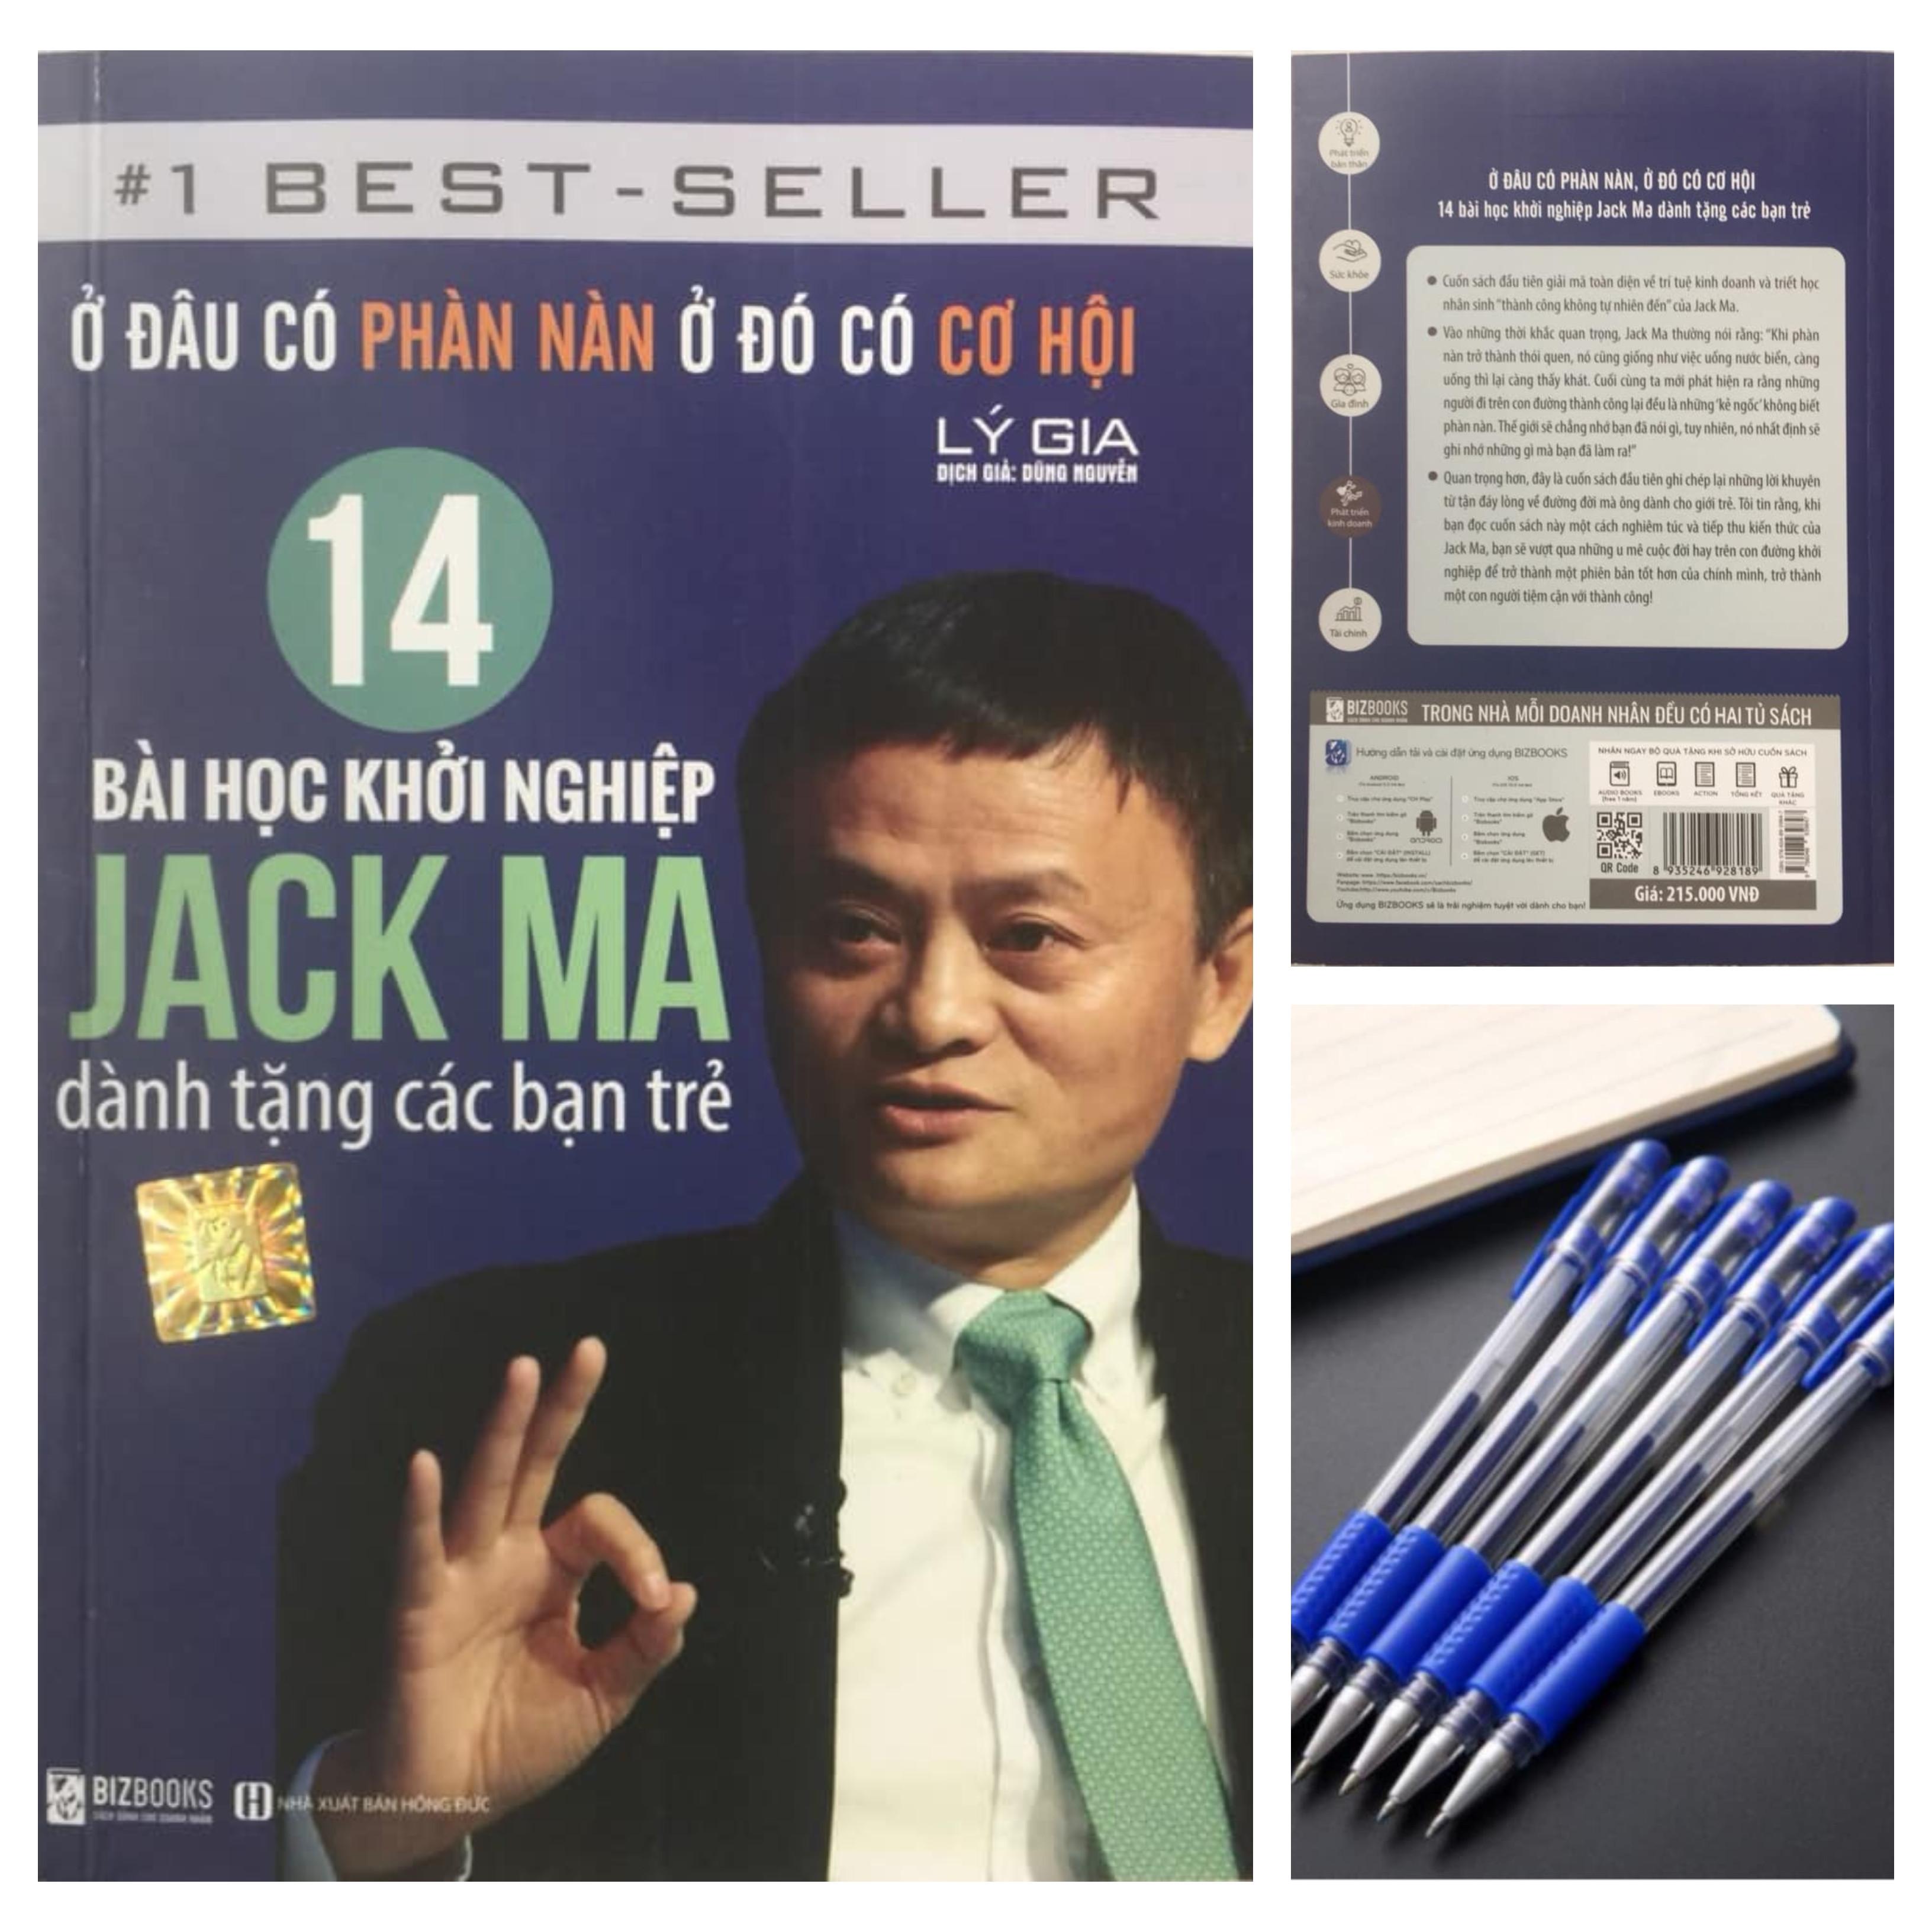 Ở đâu có phàn nàn,ở đó có cơ hội-14 bài học khởi nghiệp Jack Ma dành tặng các bạn trẻ tặng bút bi